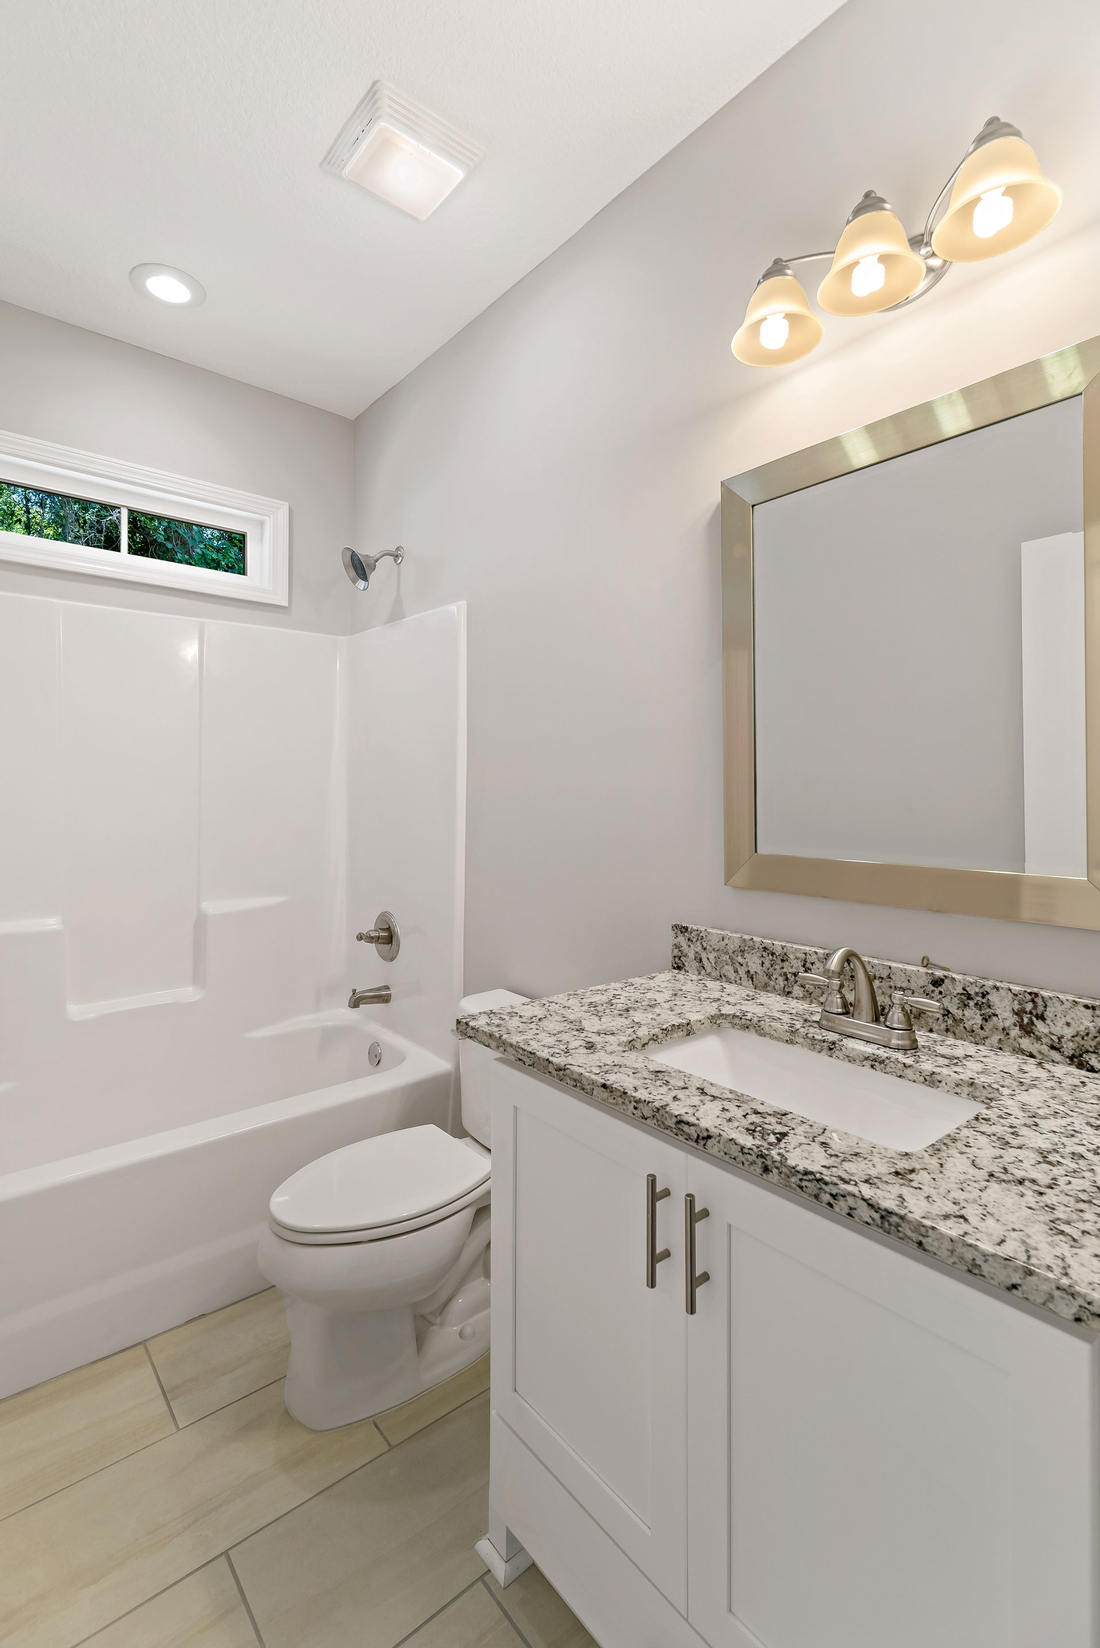 bathroom, bathroom sink, bathtub, shower